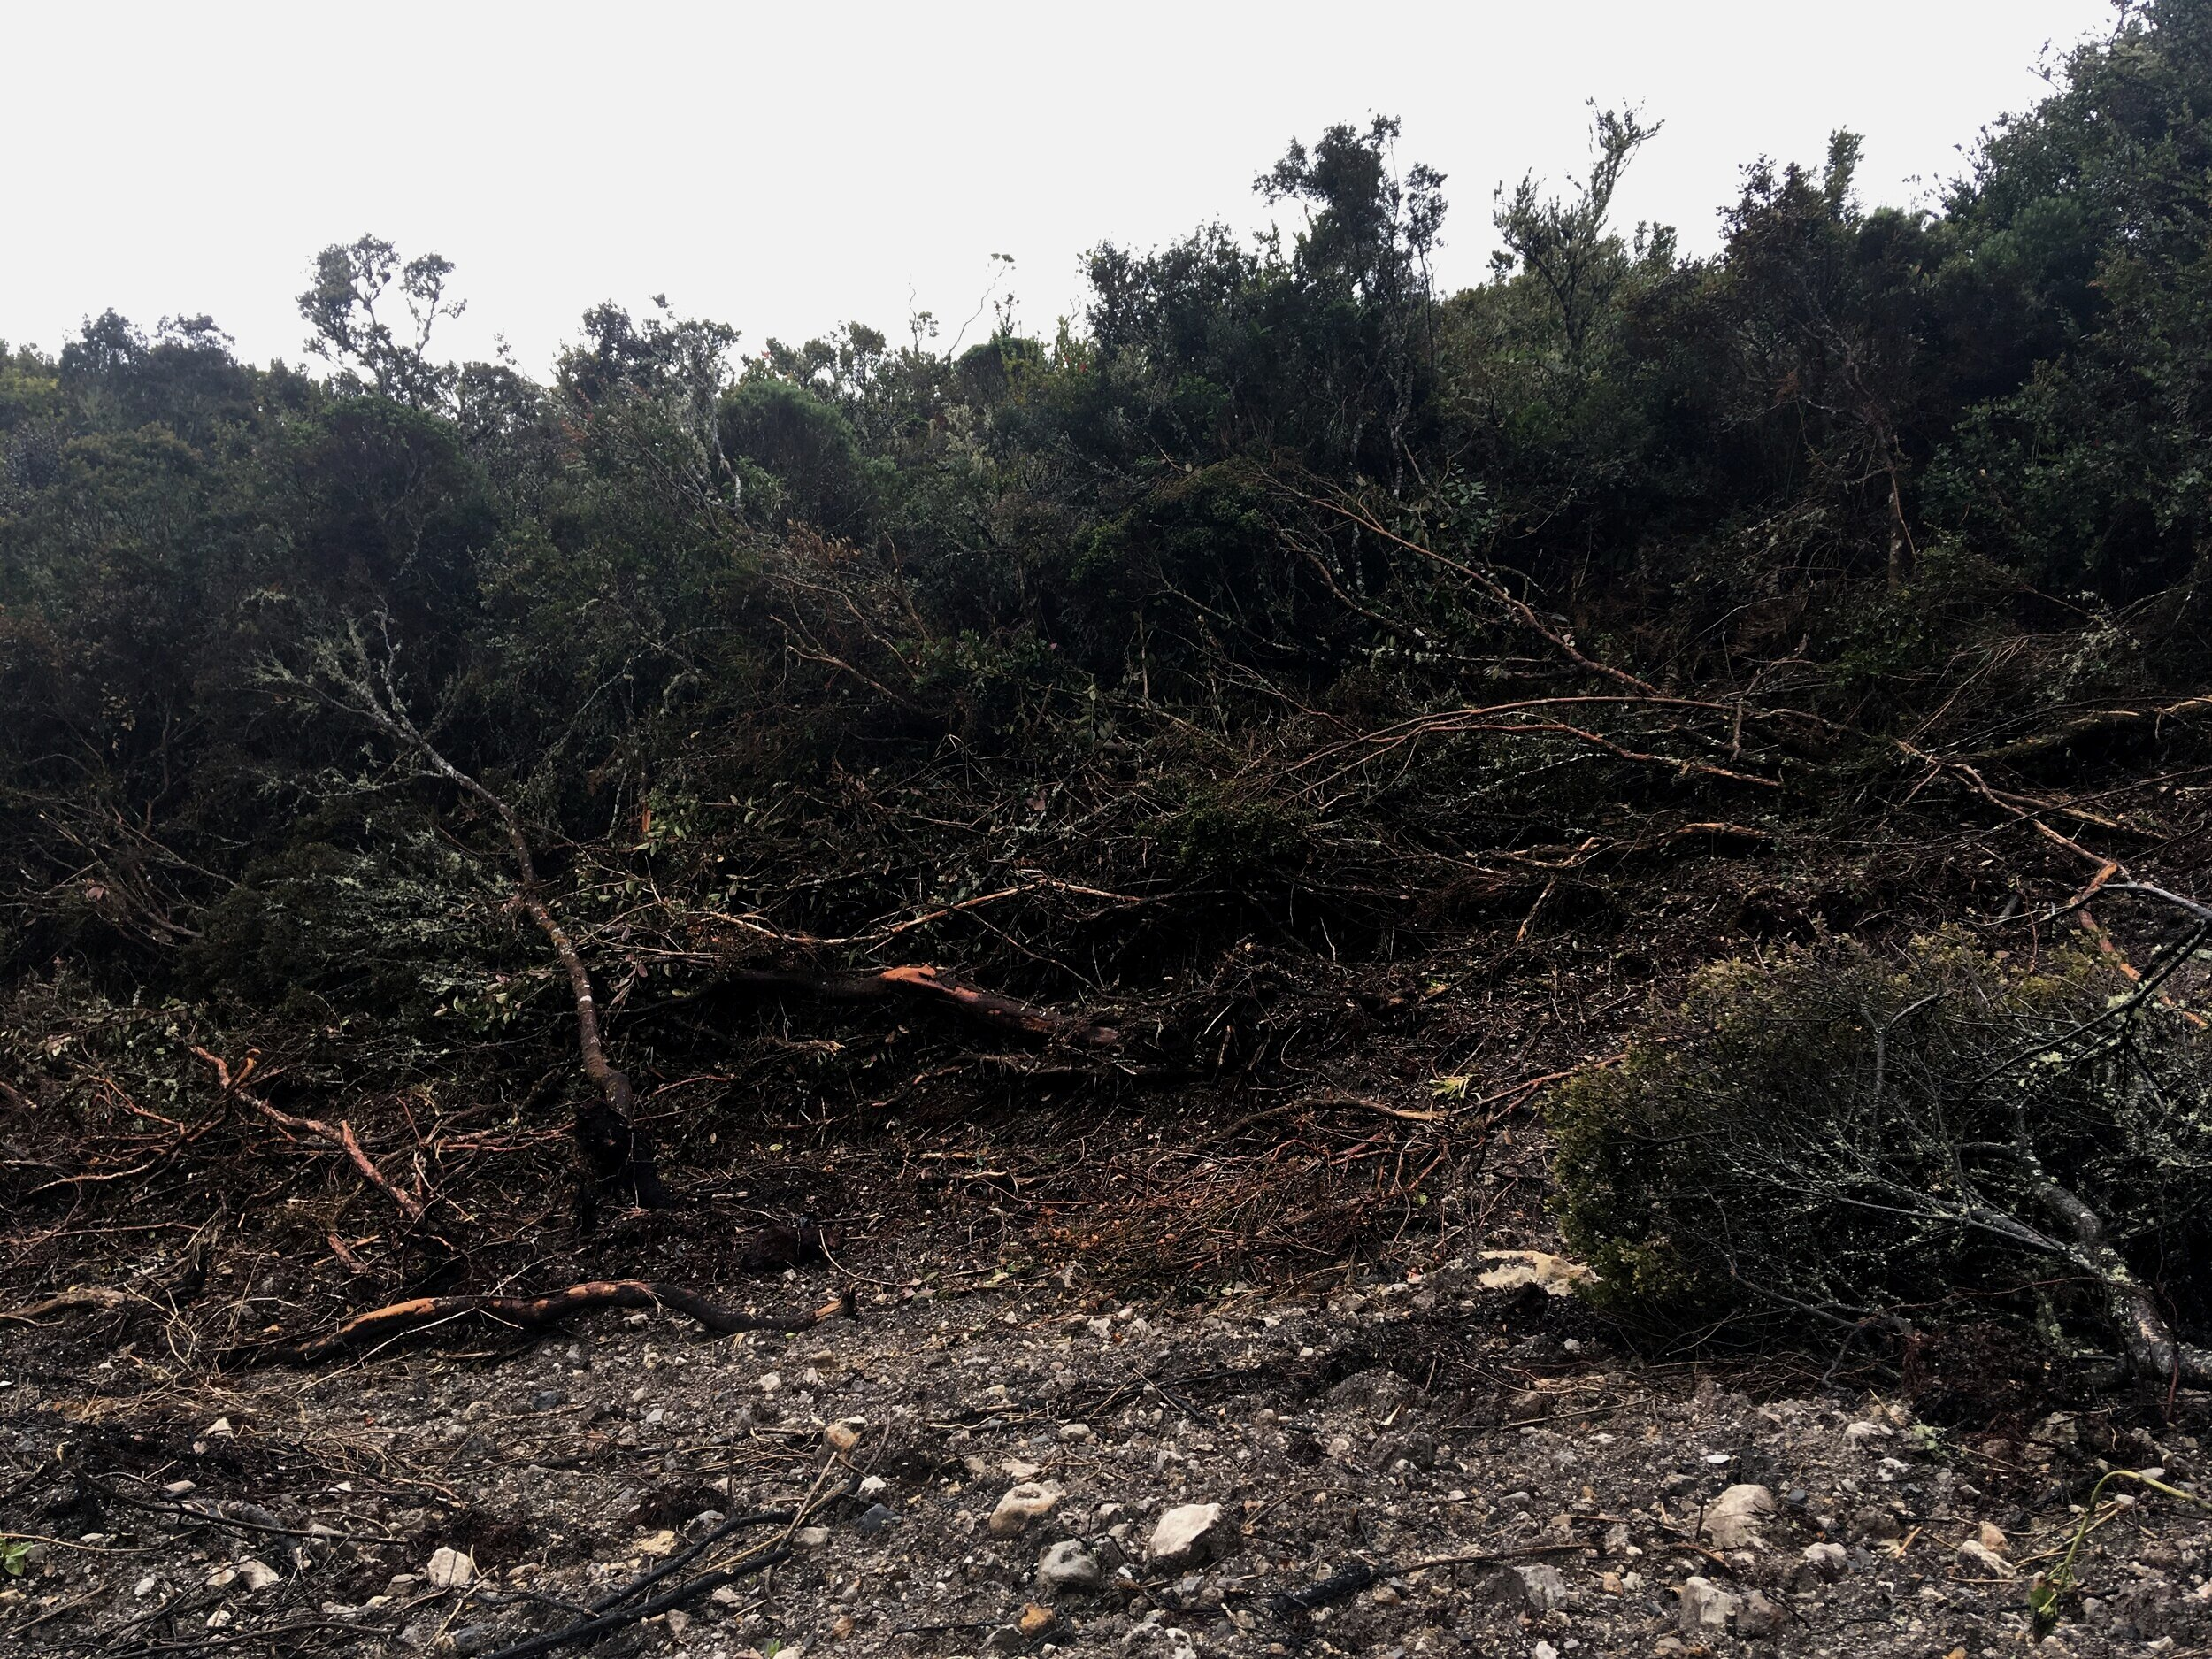 Deslizamiento en la reserva El Zoque. Guasca, Cundinamarca.